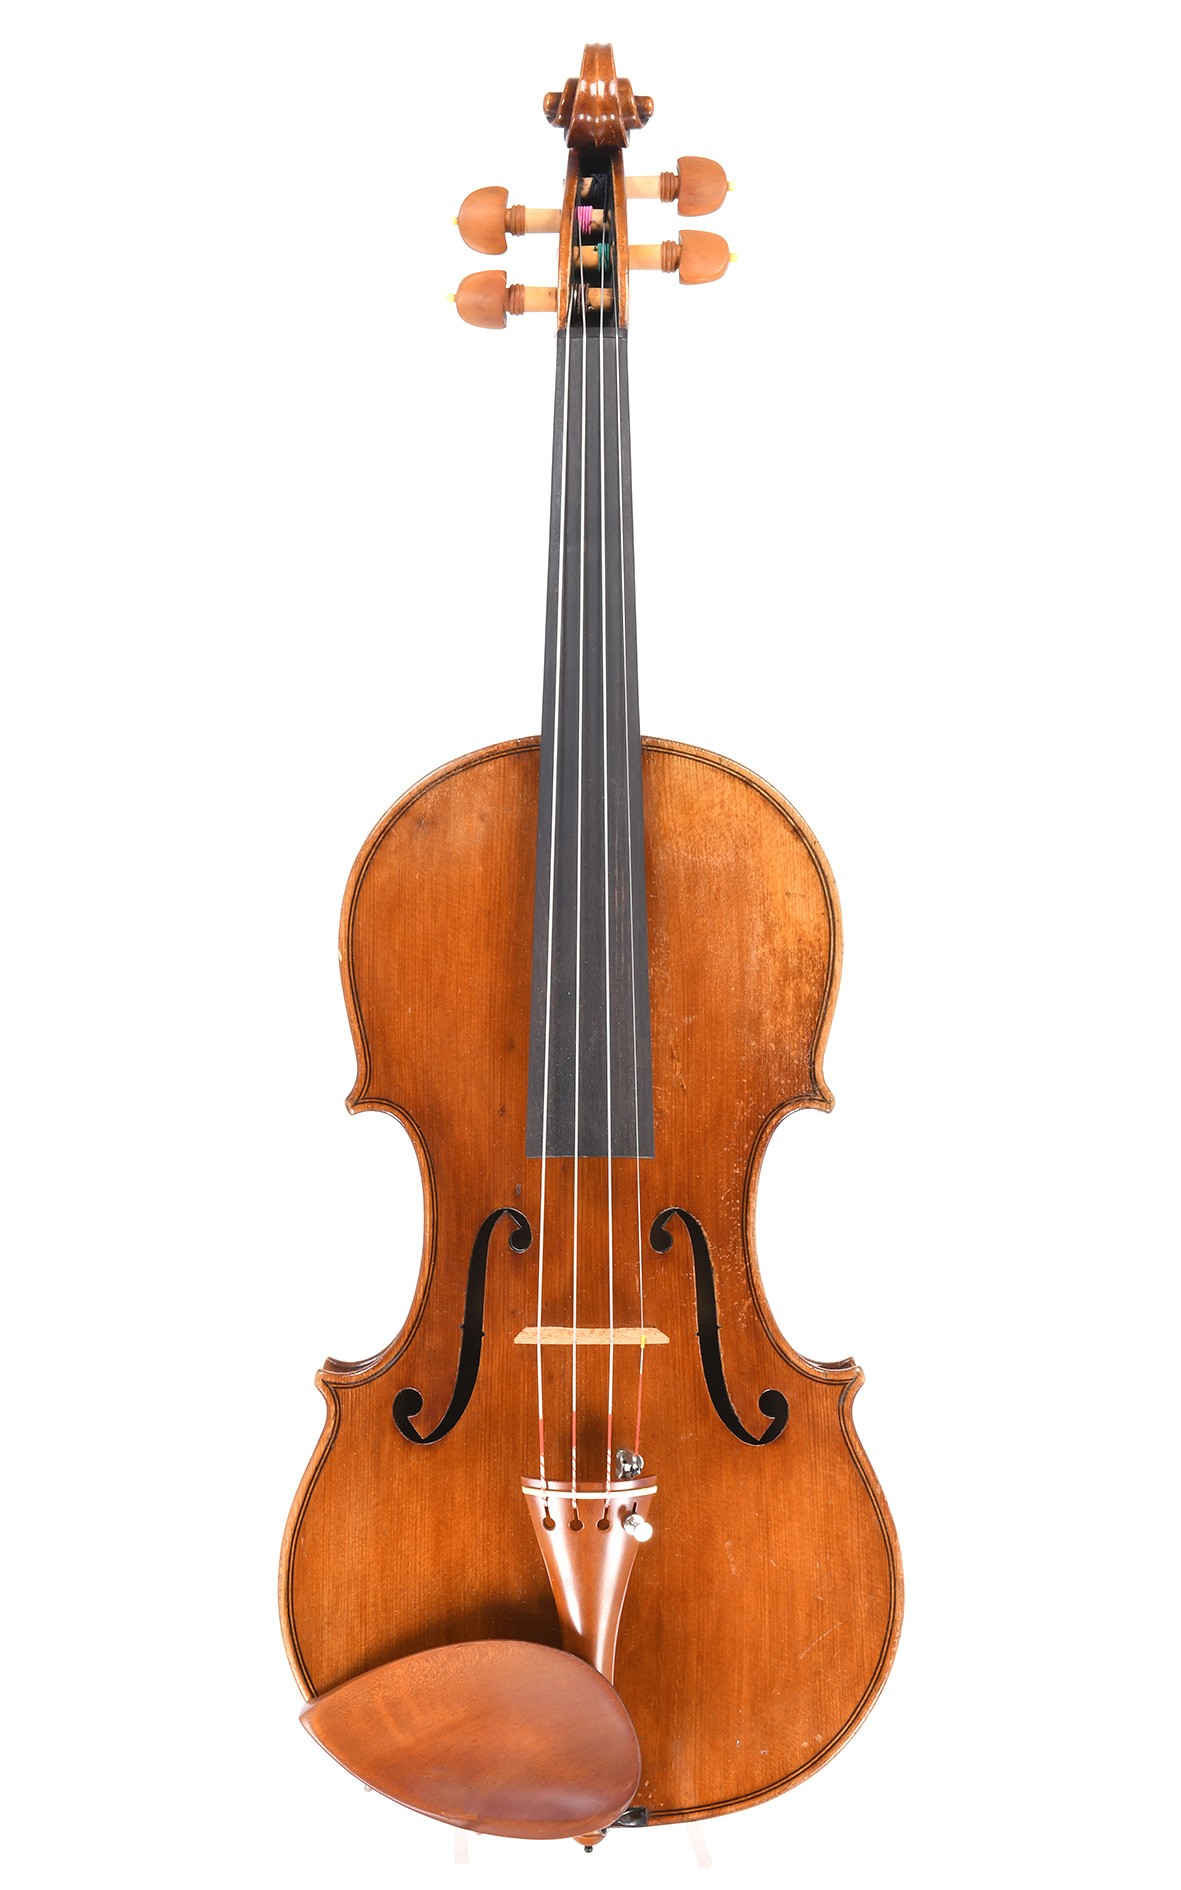 Englische Geige von John Smith